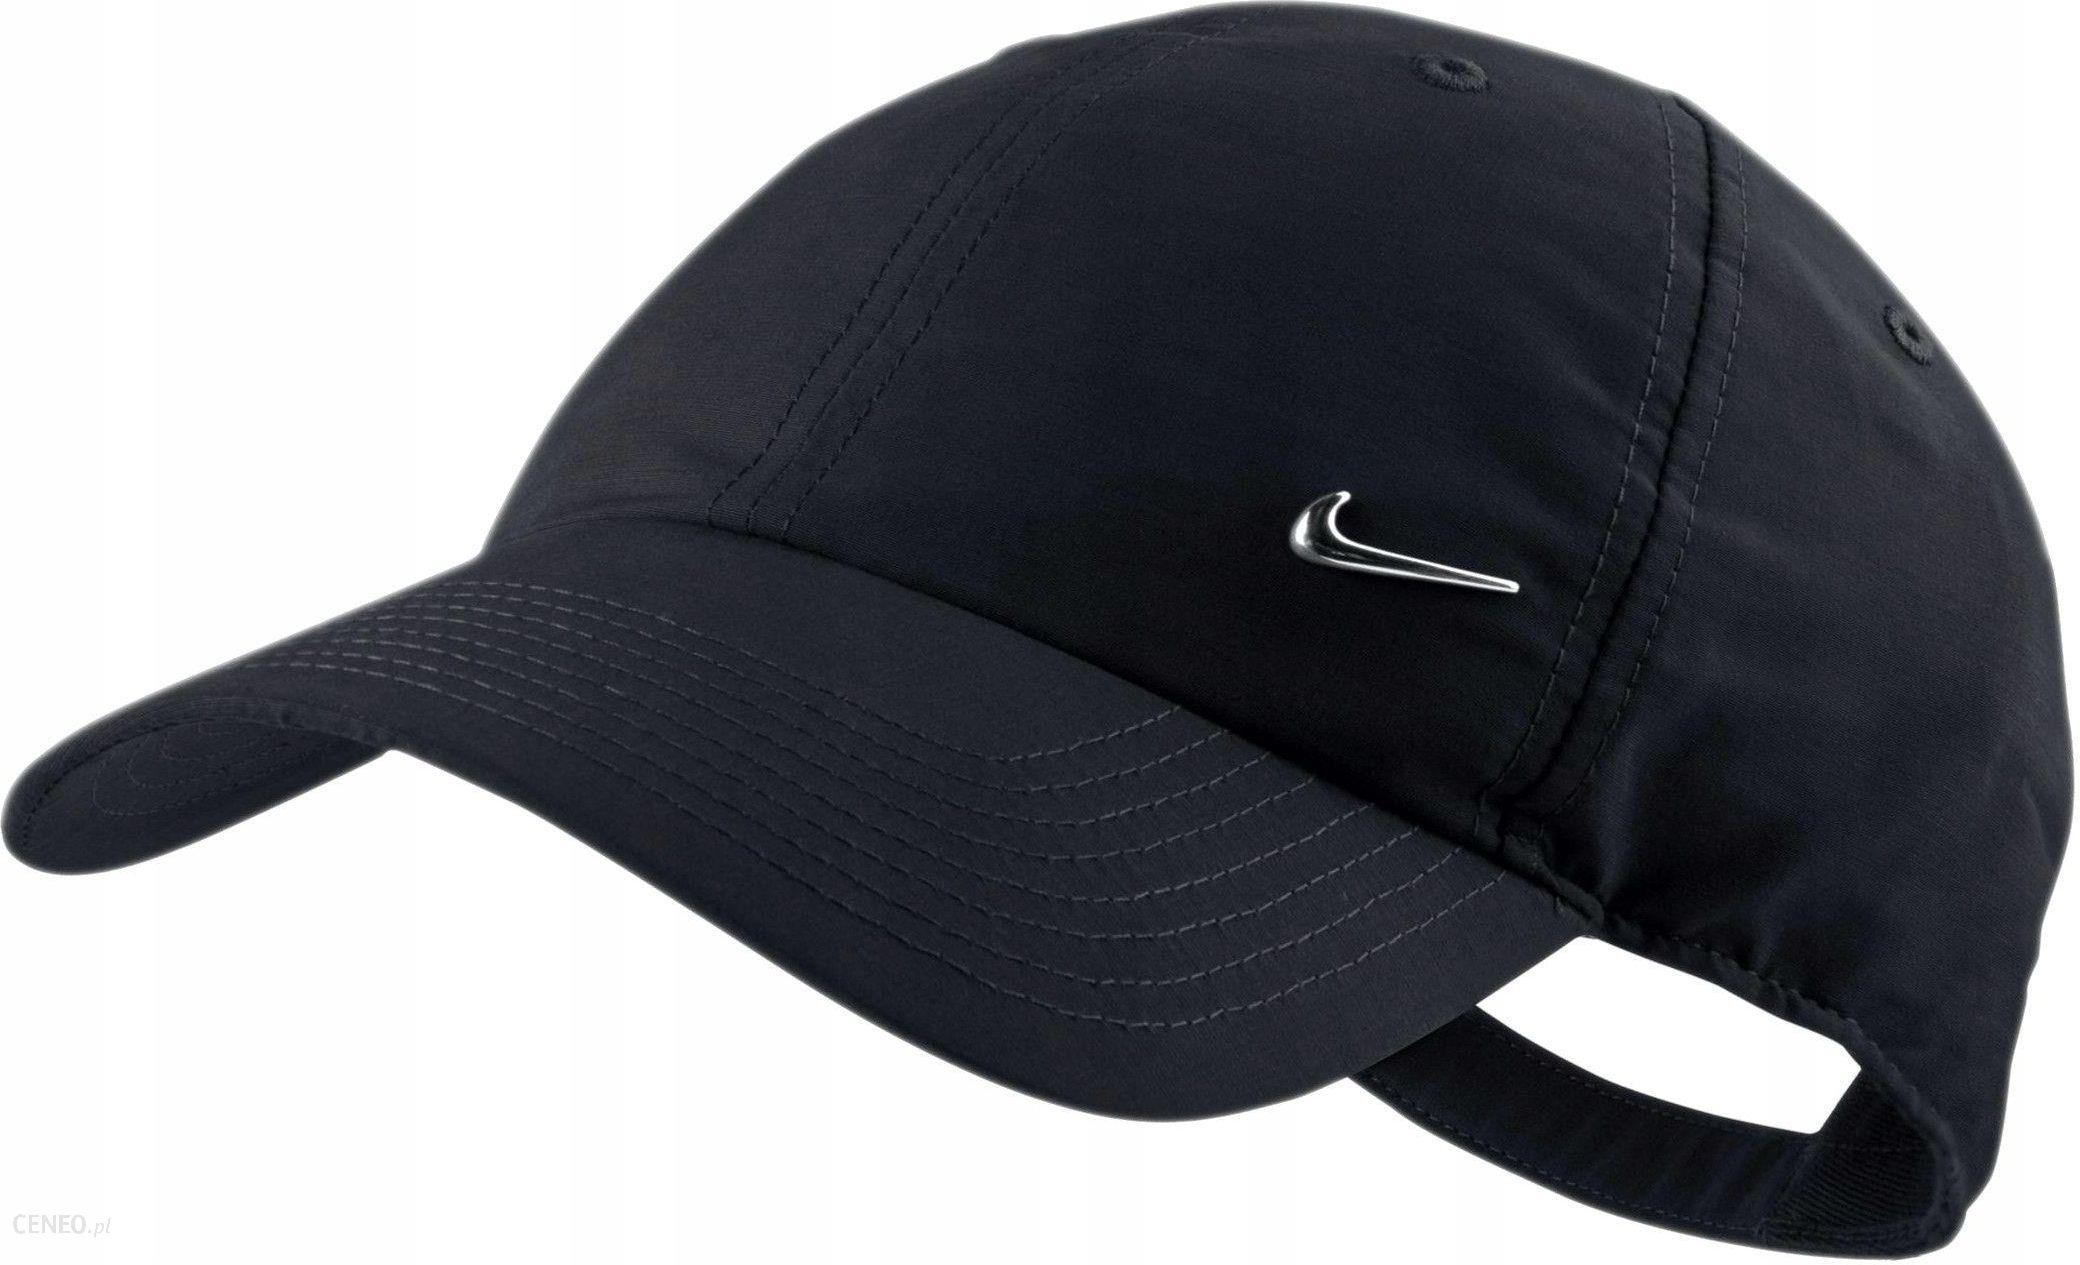 Nike Czapka z daszkiem Bejsbolówka czarna 010 Ceny i opinie Ceneo.pl